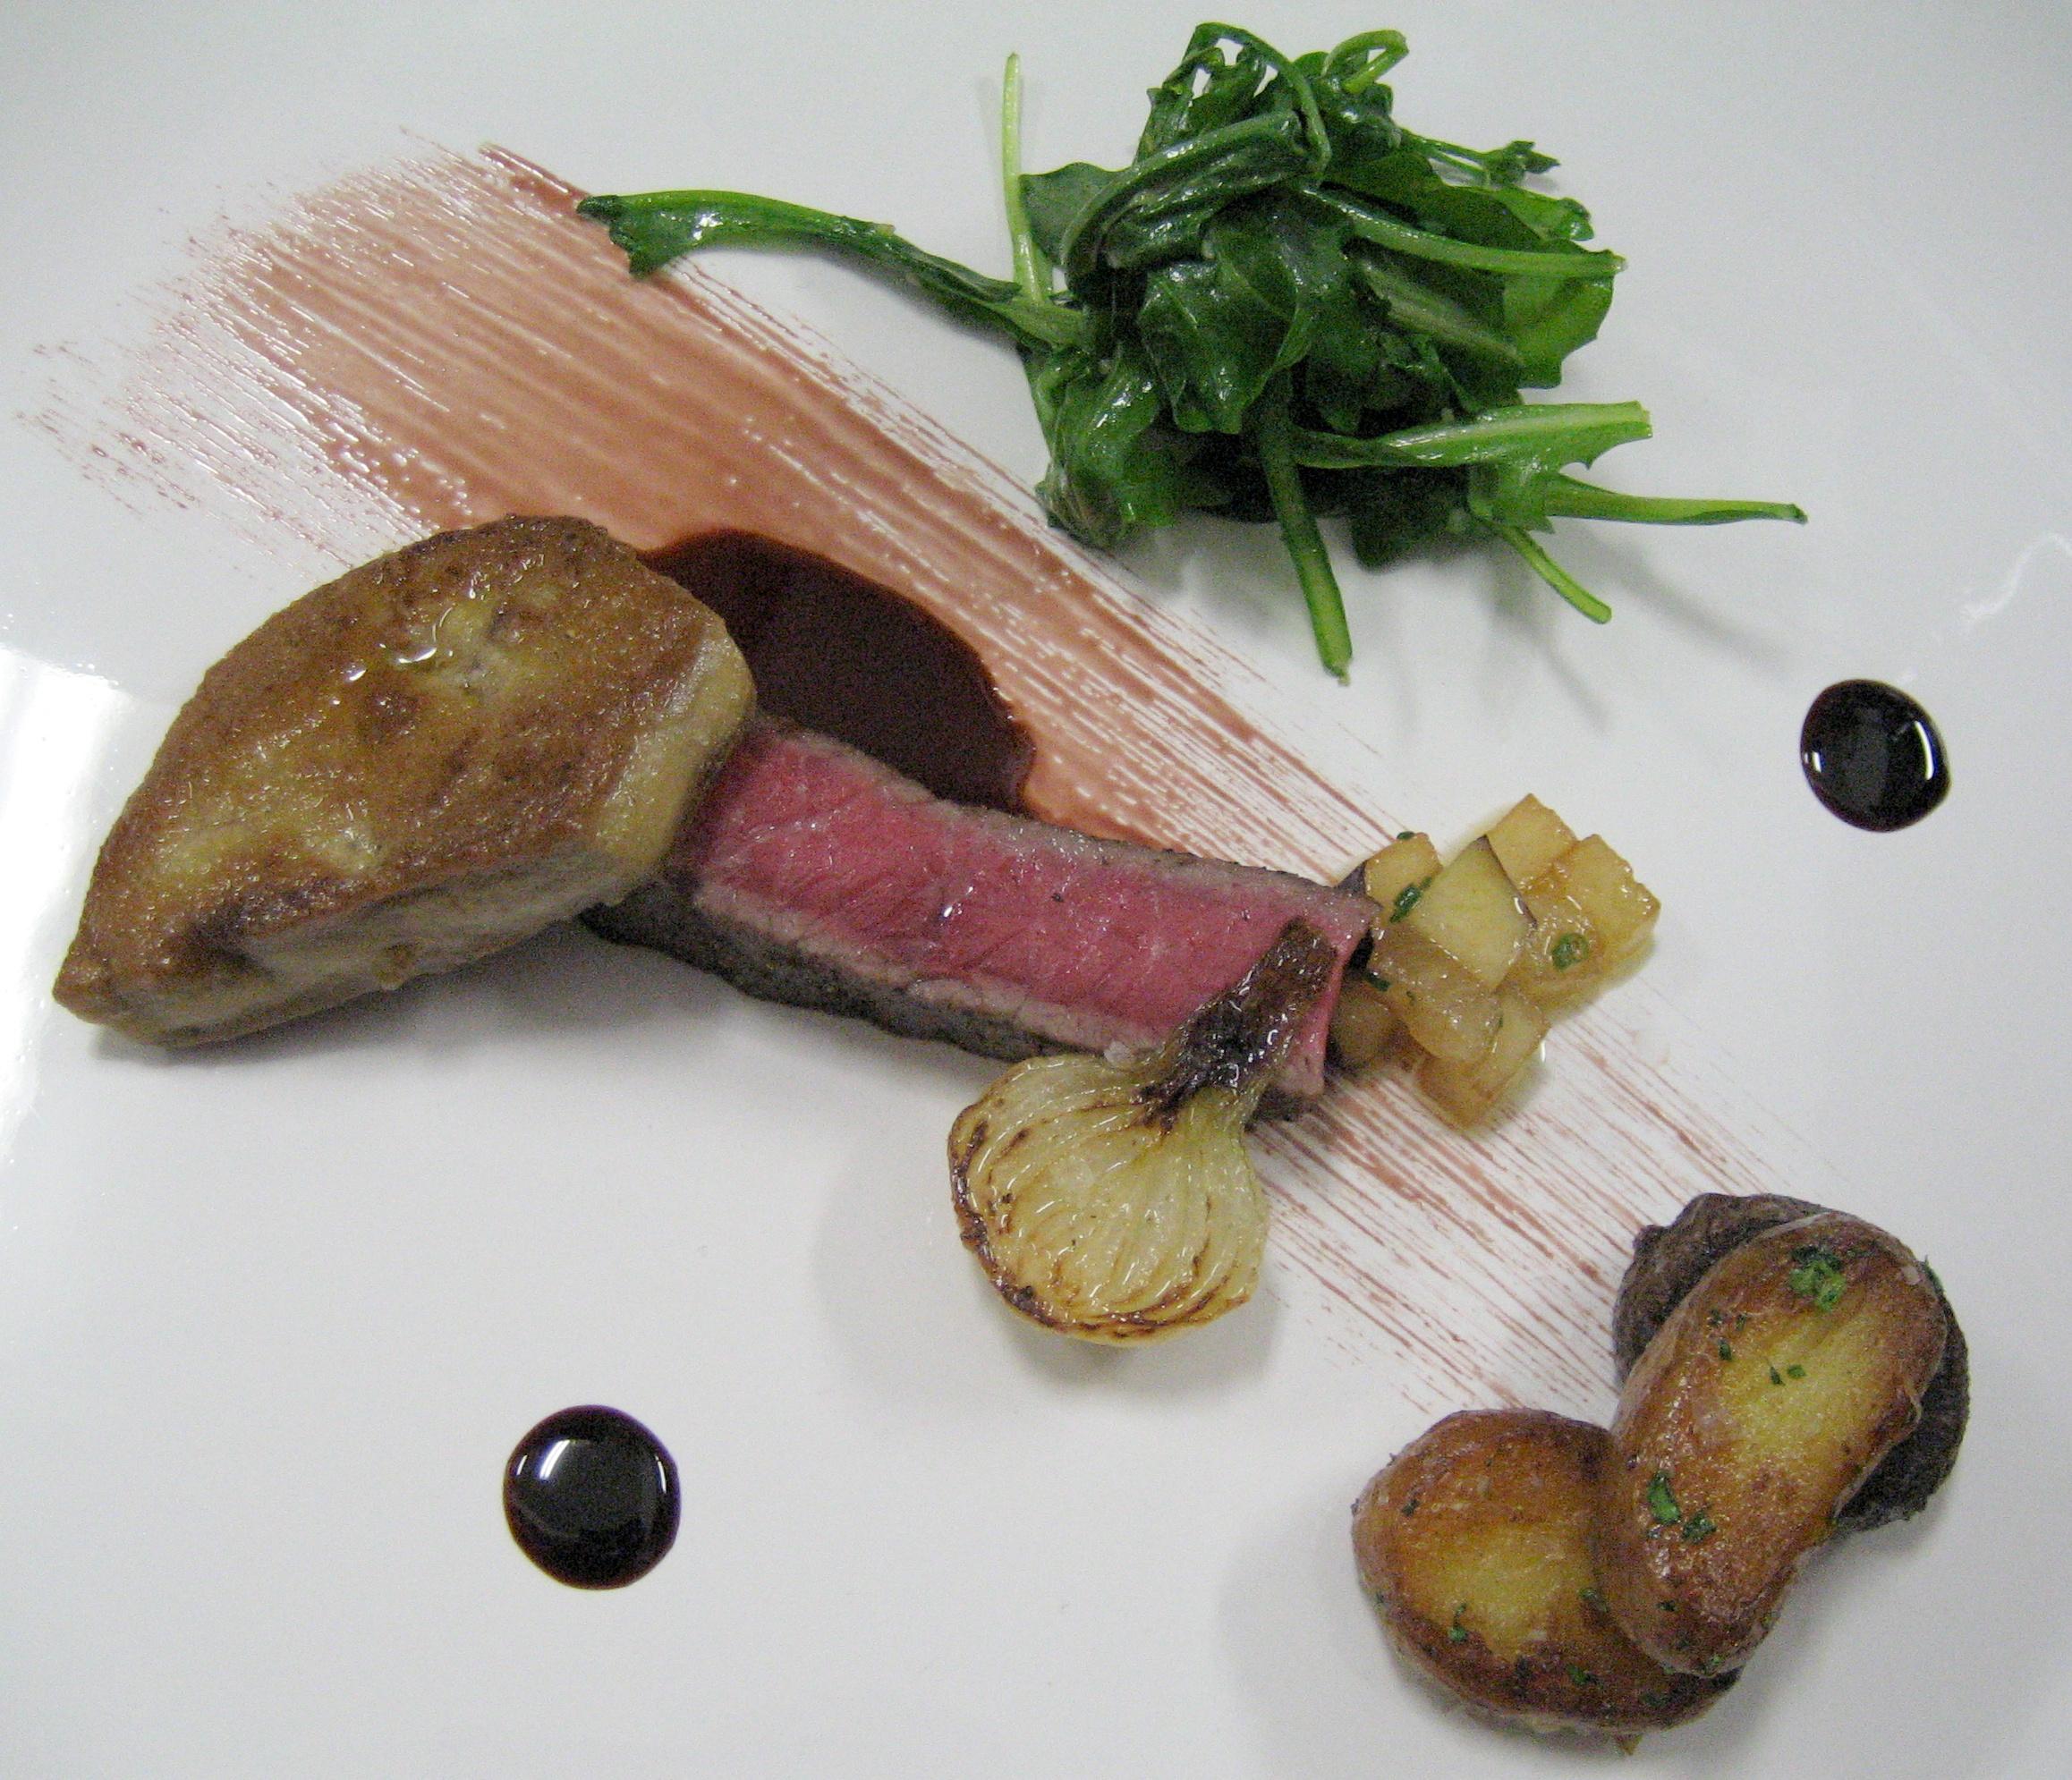 Foie gras prepared by chef Nadav Bashan